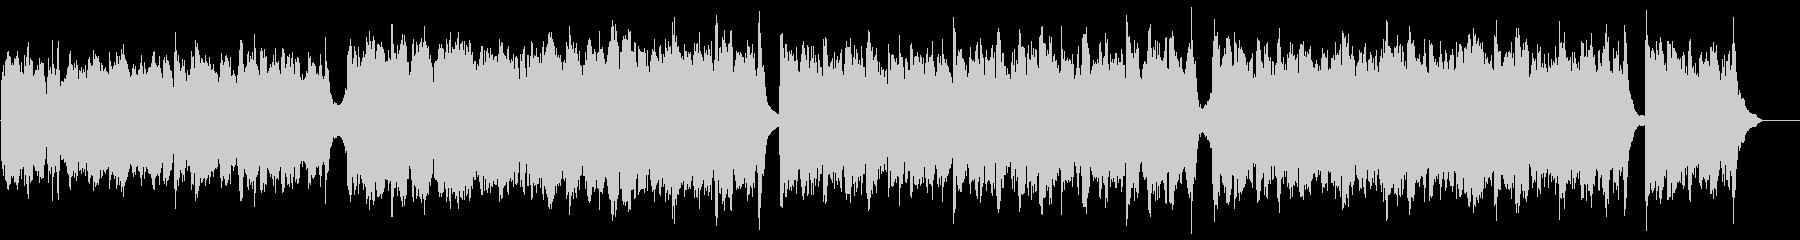 知的なシネマティックピアノ:Pfと低い弦の未再生の波形